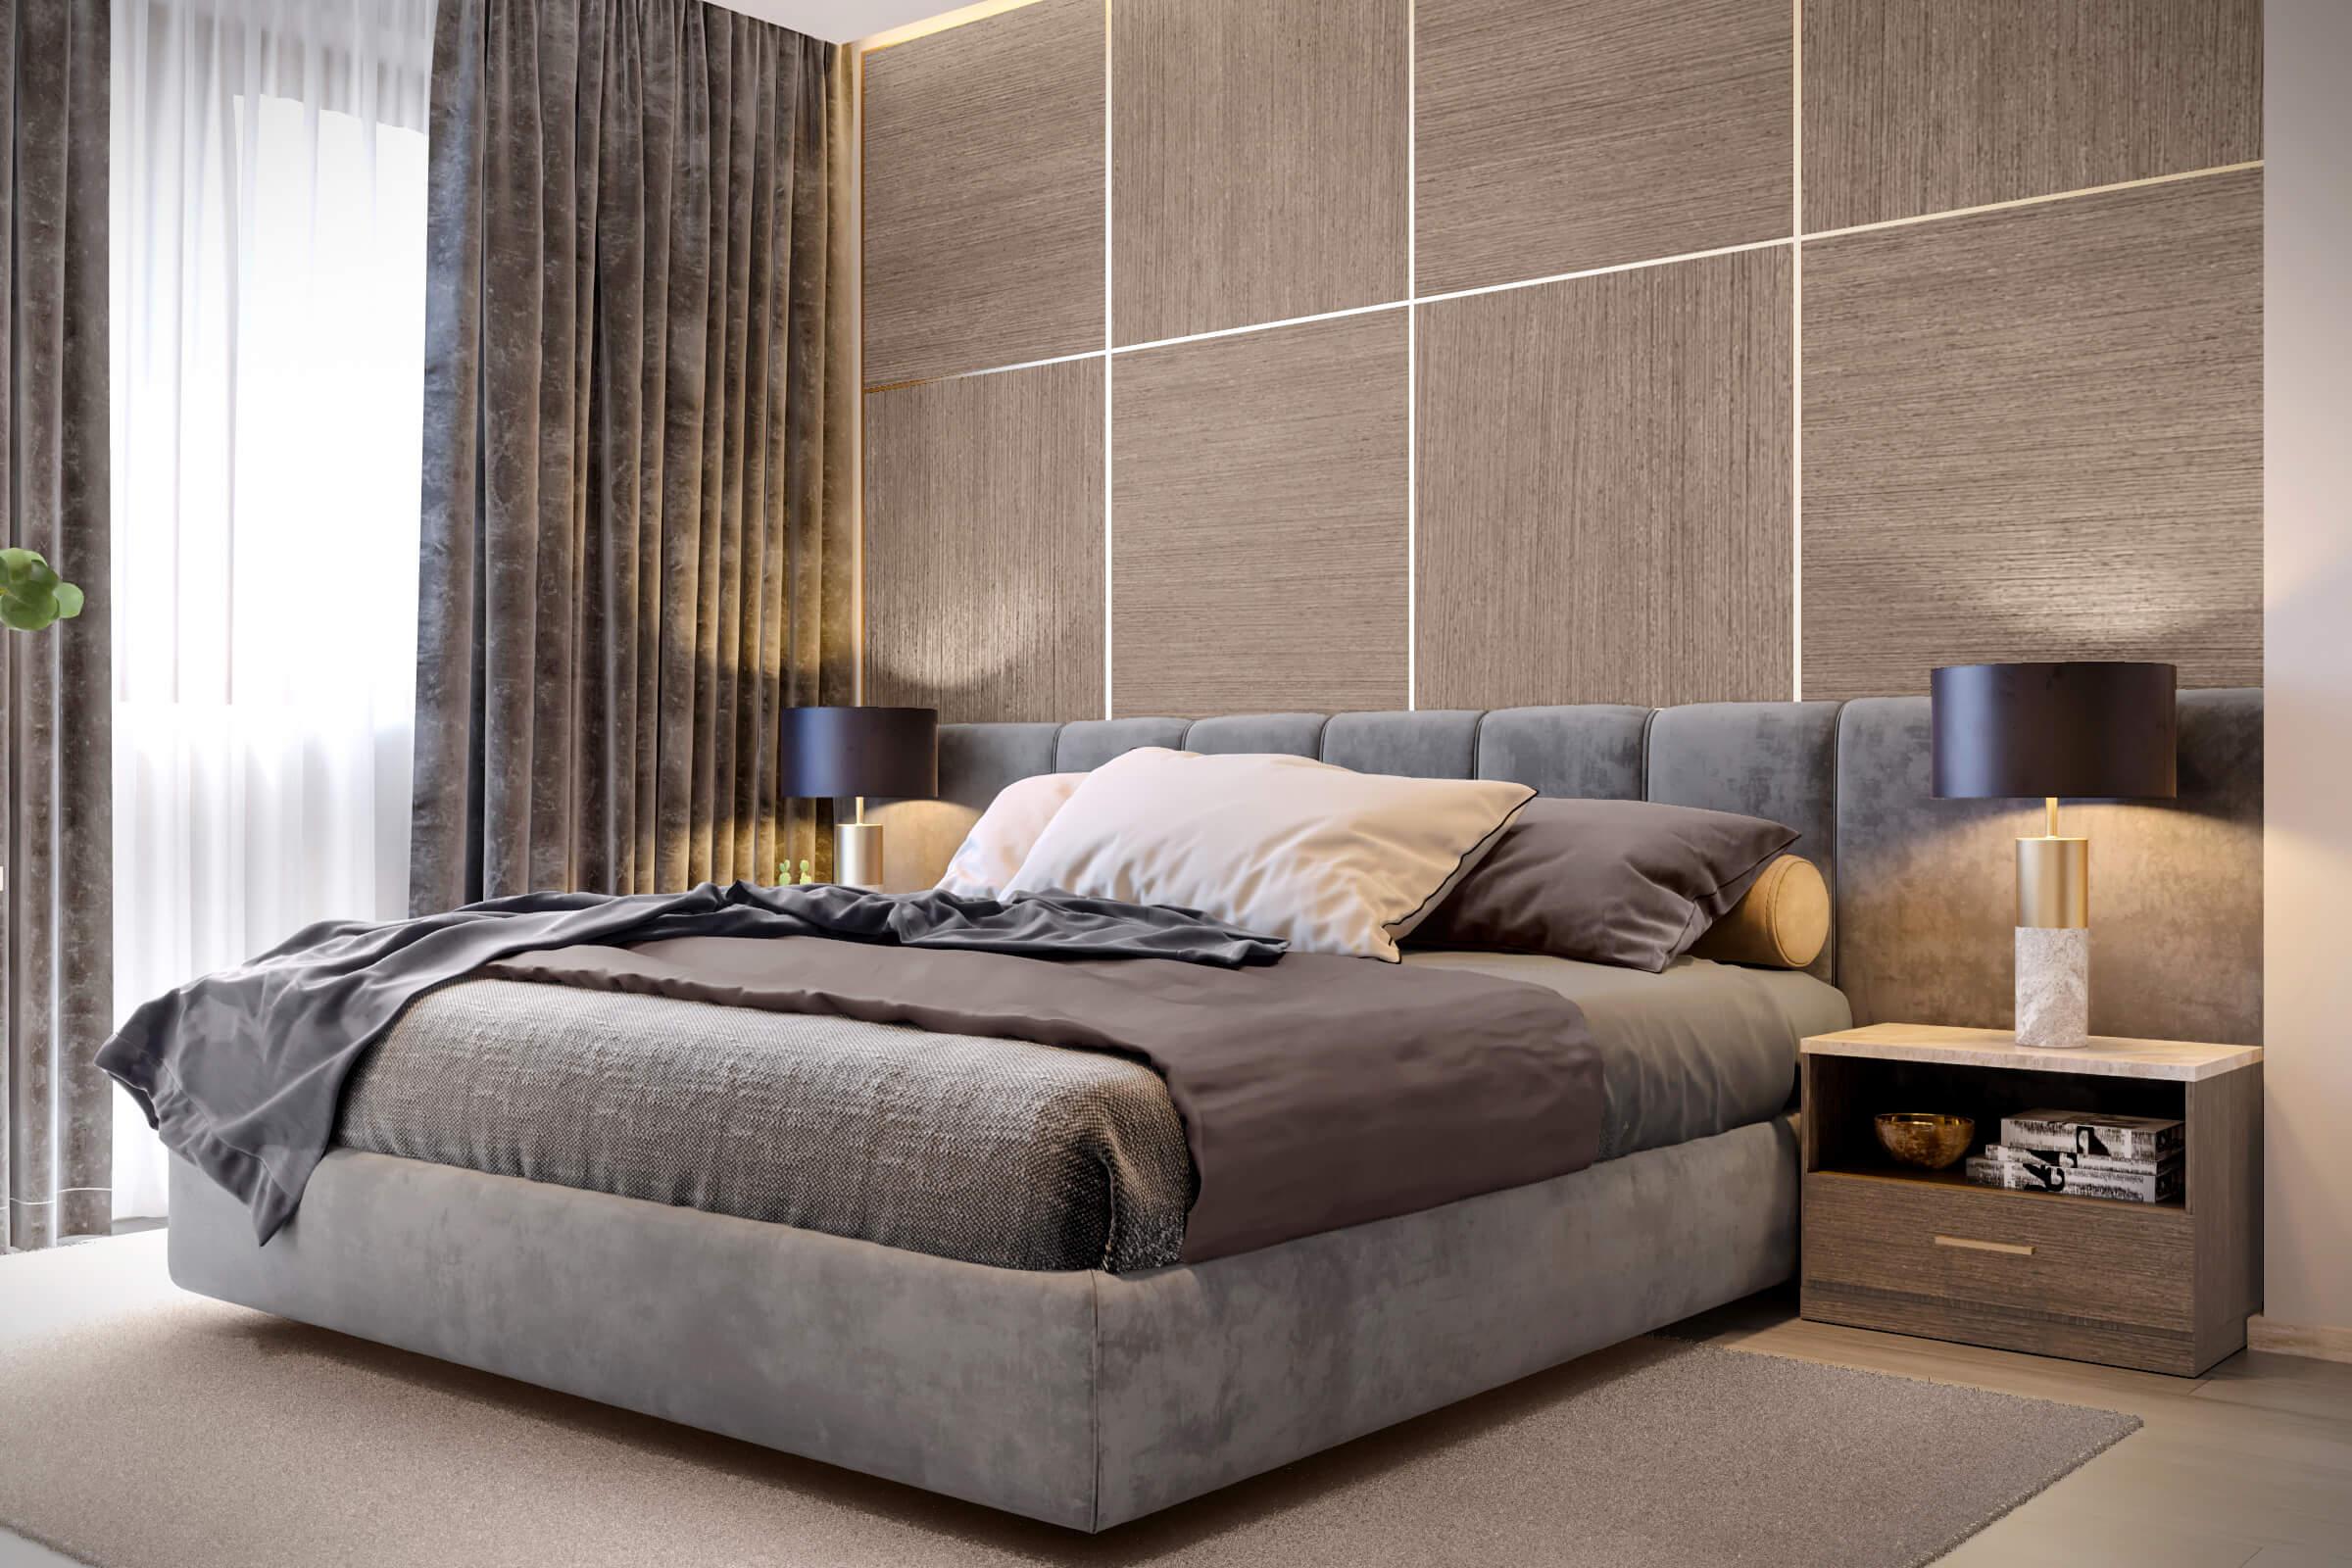 2704 - Идеи интерьера трехкомнатной квартиры